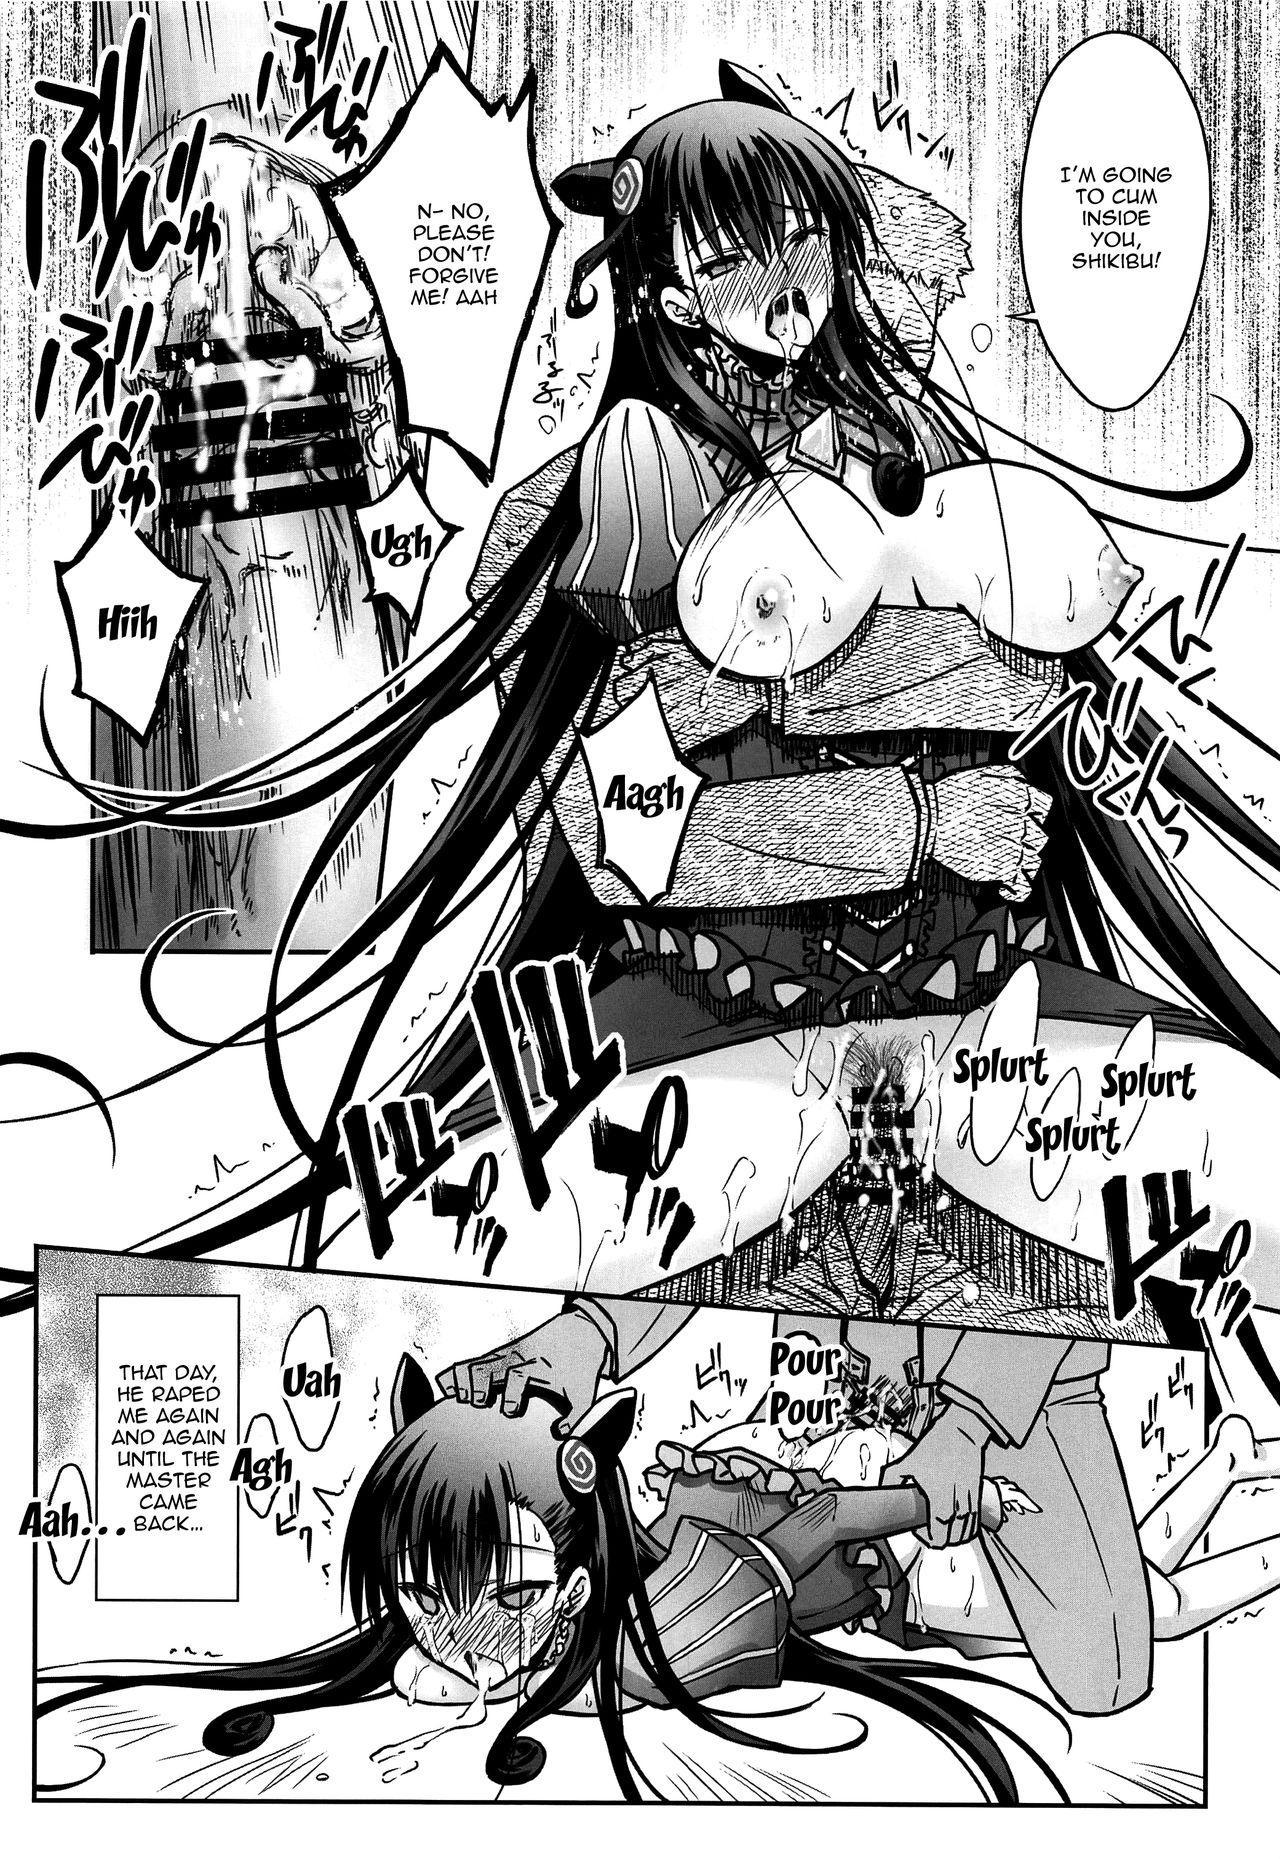 Murasaki Shikibu Ryoujoku Monogatari 12